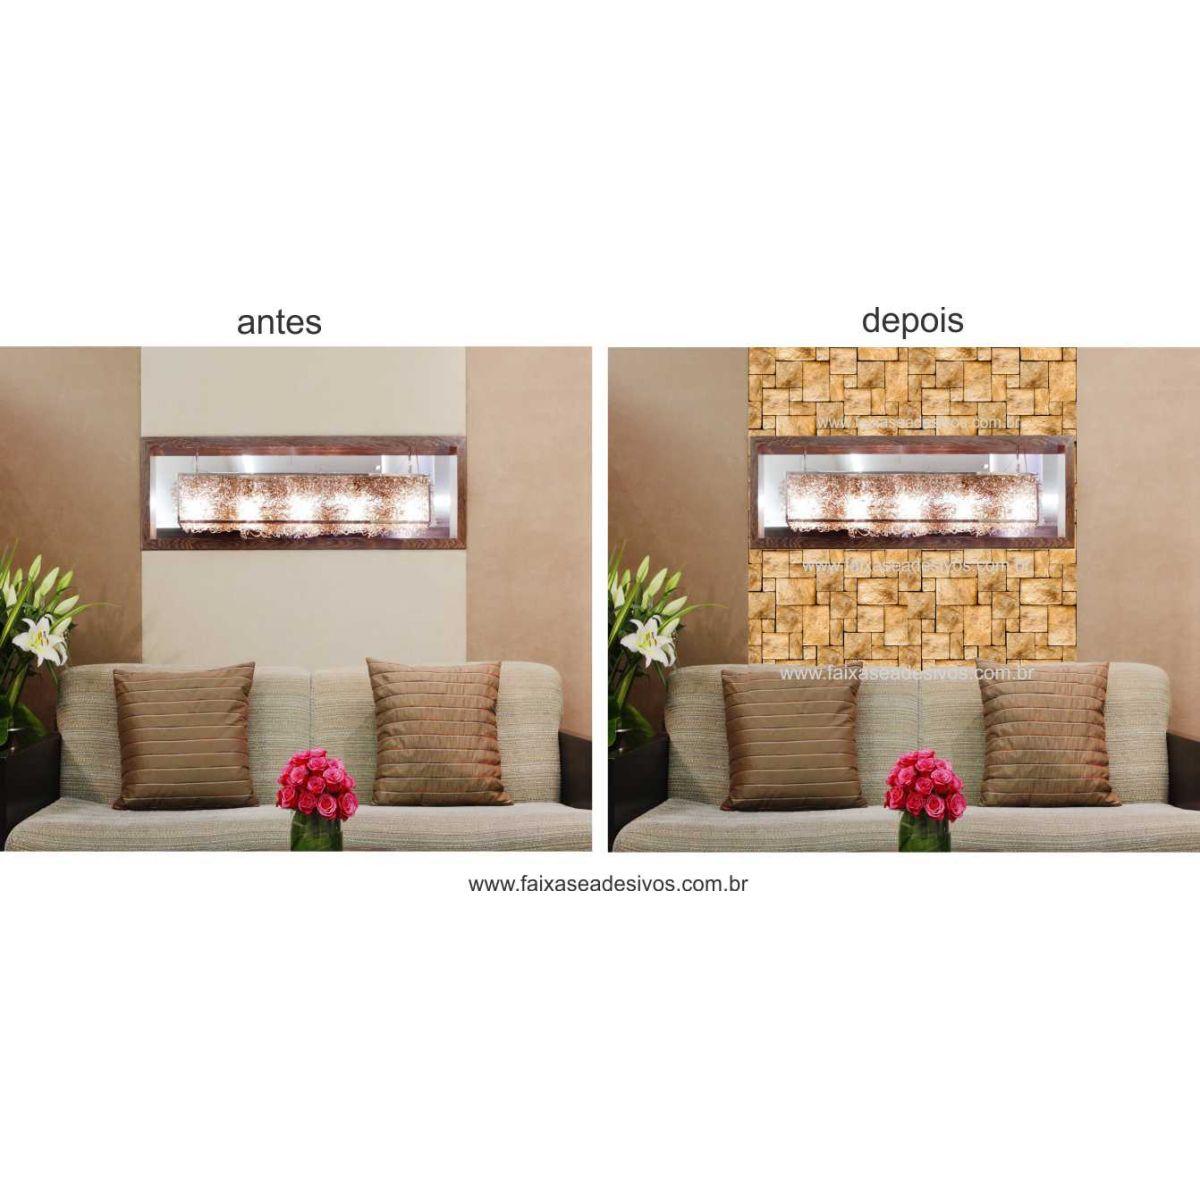 Artesanato Valença Rj ~ 003 Adesivo Decorativo de parede Pedra rolo 0,60×3,00m FAC Signs Impress u00e3o Digital